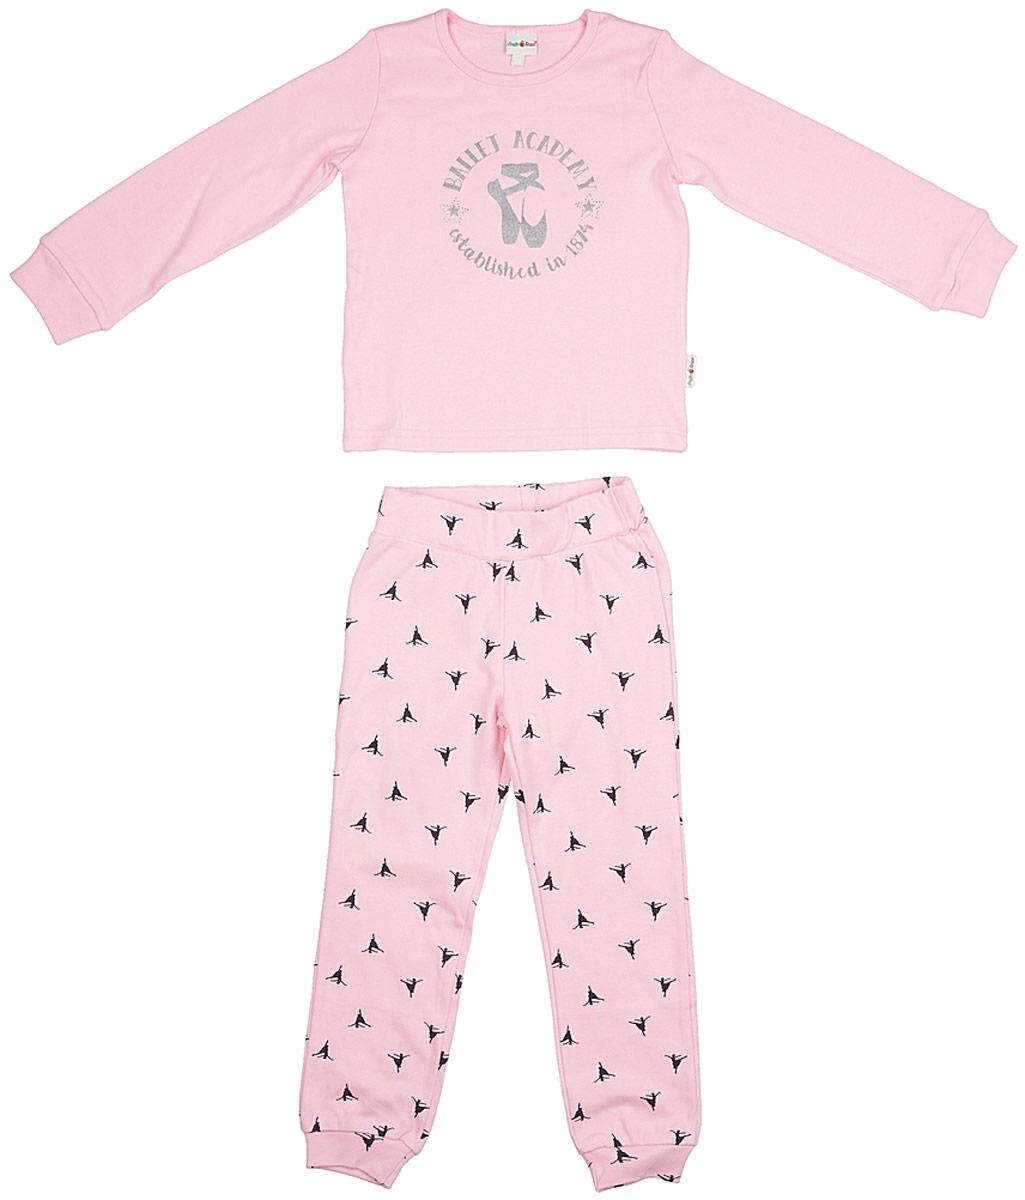 Пижама для девочки Frutto Rosso, цвет: светло-розовый. FRG72132. Размер 110FRG72132Комфортная пижама выполнена из 100% хлопка. Детали: округлый вырез горловины, длинный рукав, принт выполнен шелкографным способом, рукава и брючины оформлены манжетами, стразы.